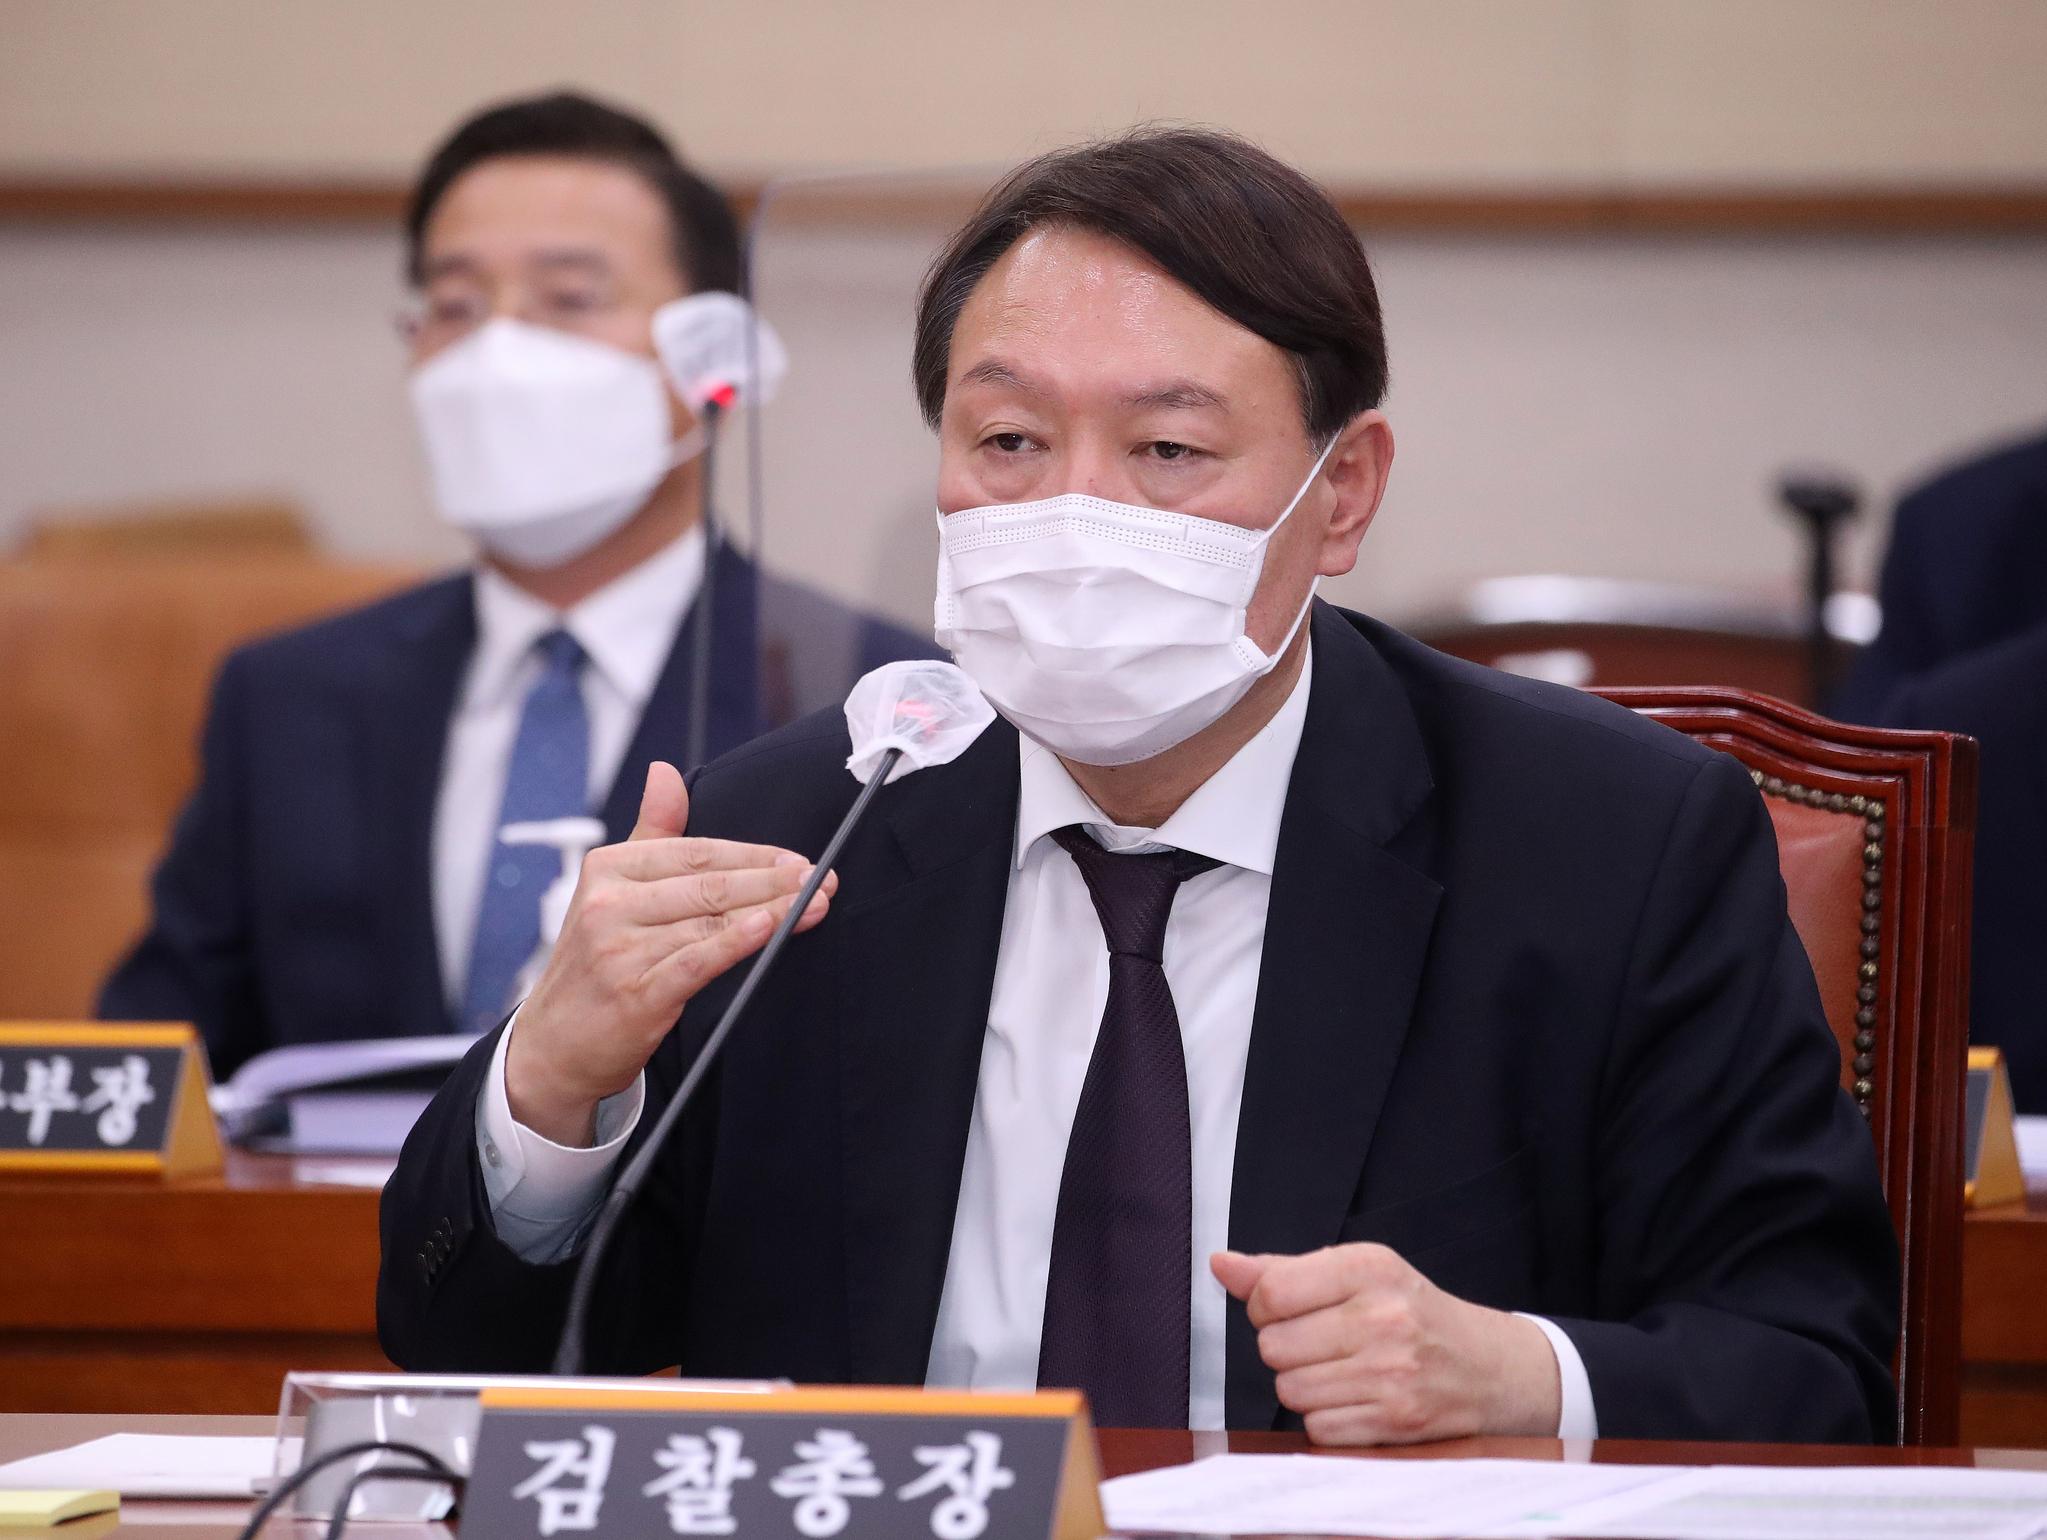 윤석열 검찰총장. 오종택 기자